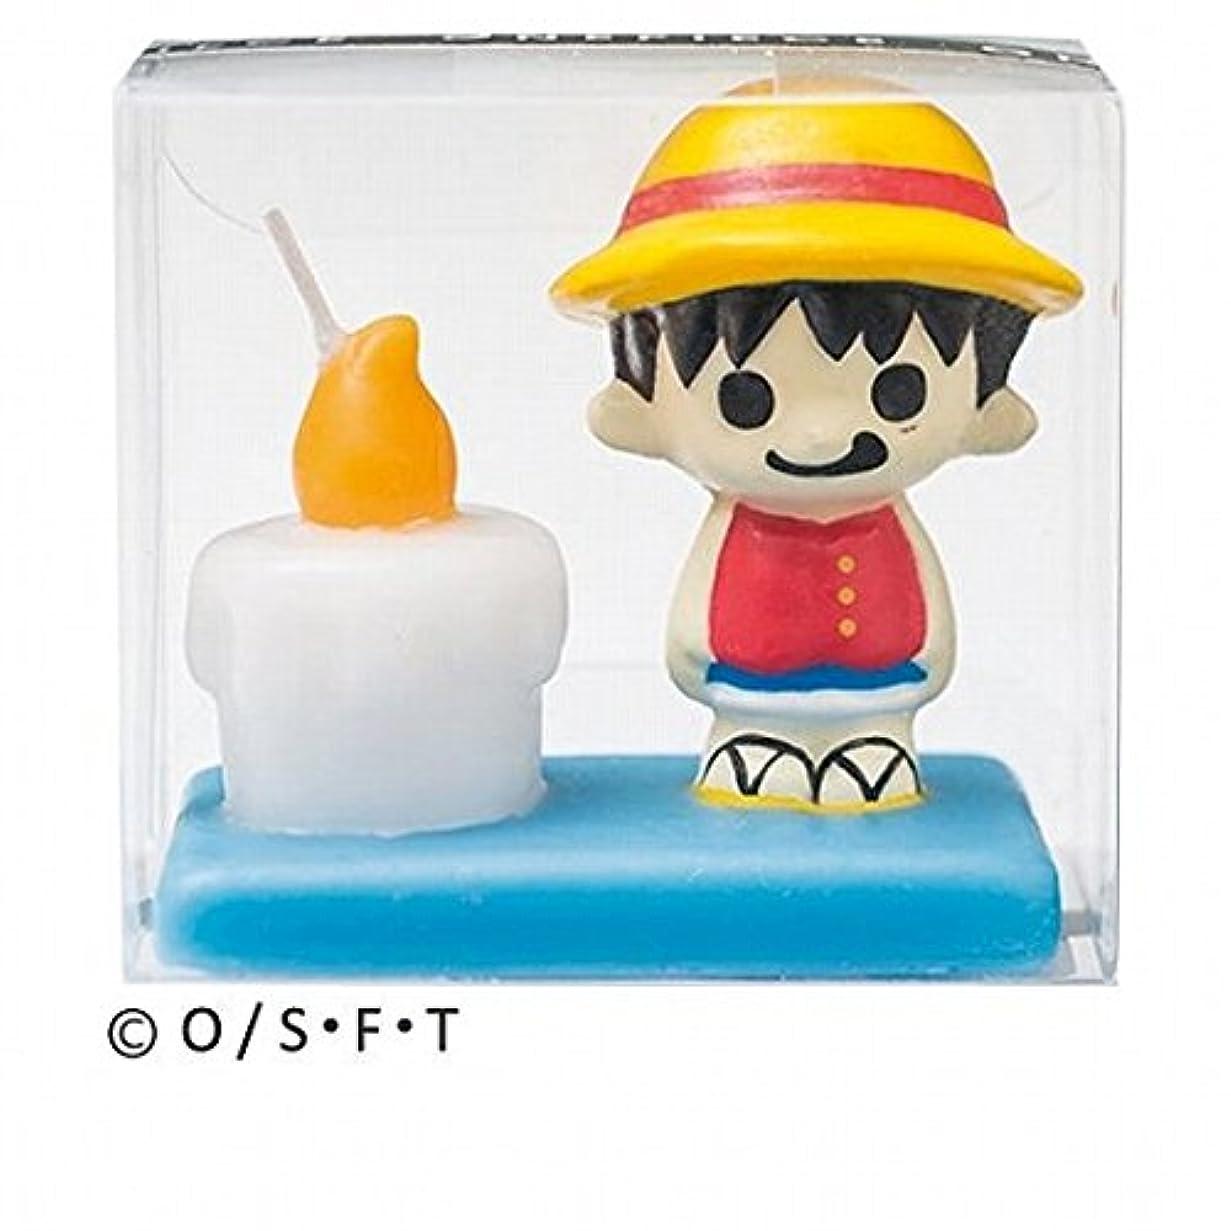 セマフォ貯水池命令的kameyama candle(カメヤマキャンドル) ルフィキャンドル(56220000)